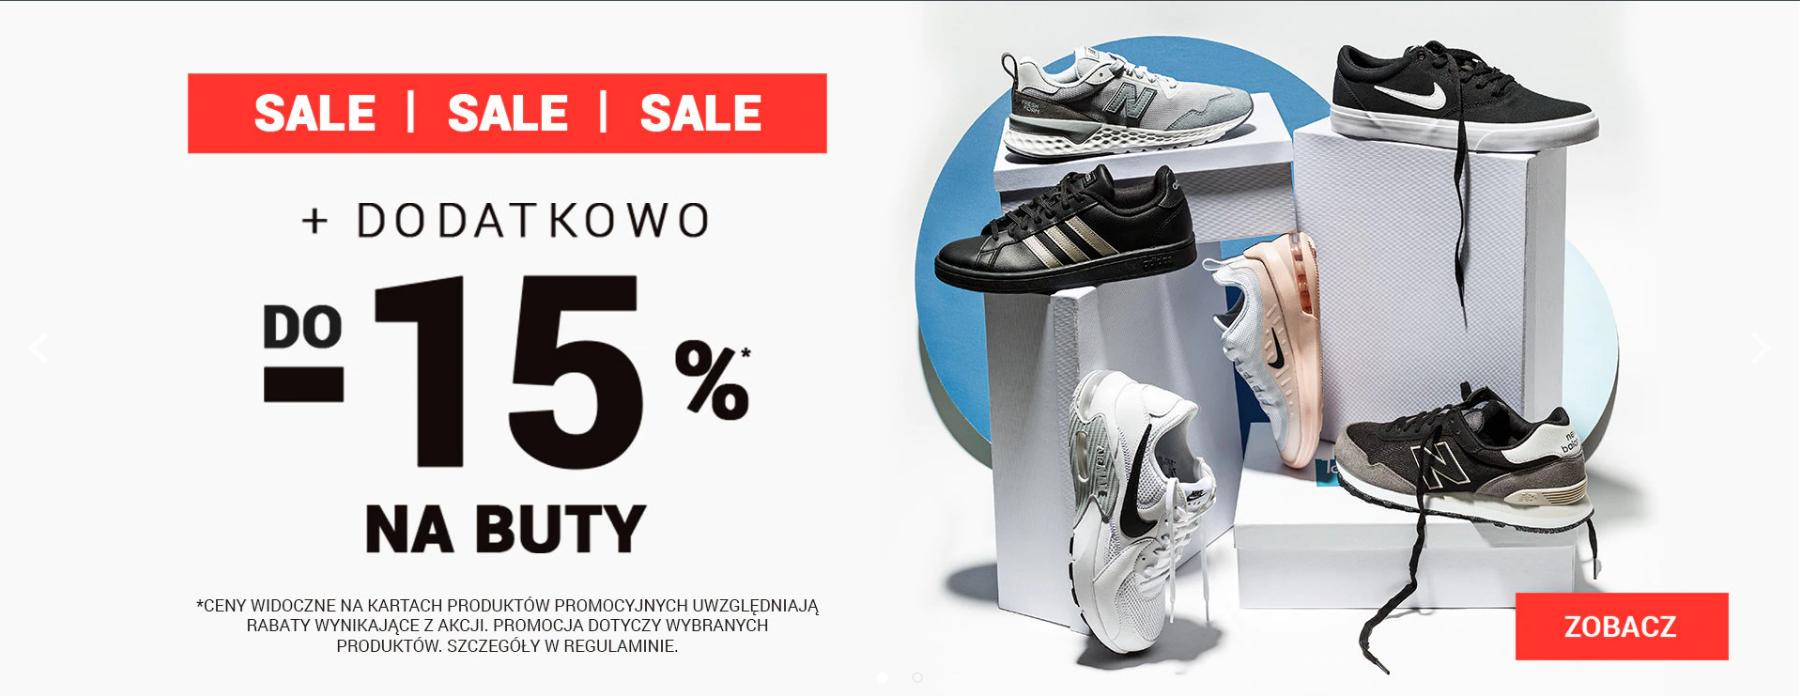 ButySportowe.pl: dodatkowe 15% zniżki do wyprzedaży na buty sportowe                         title=